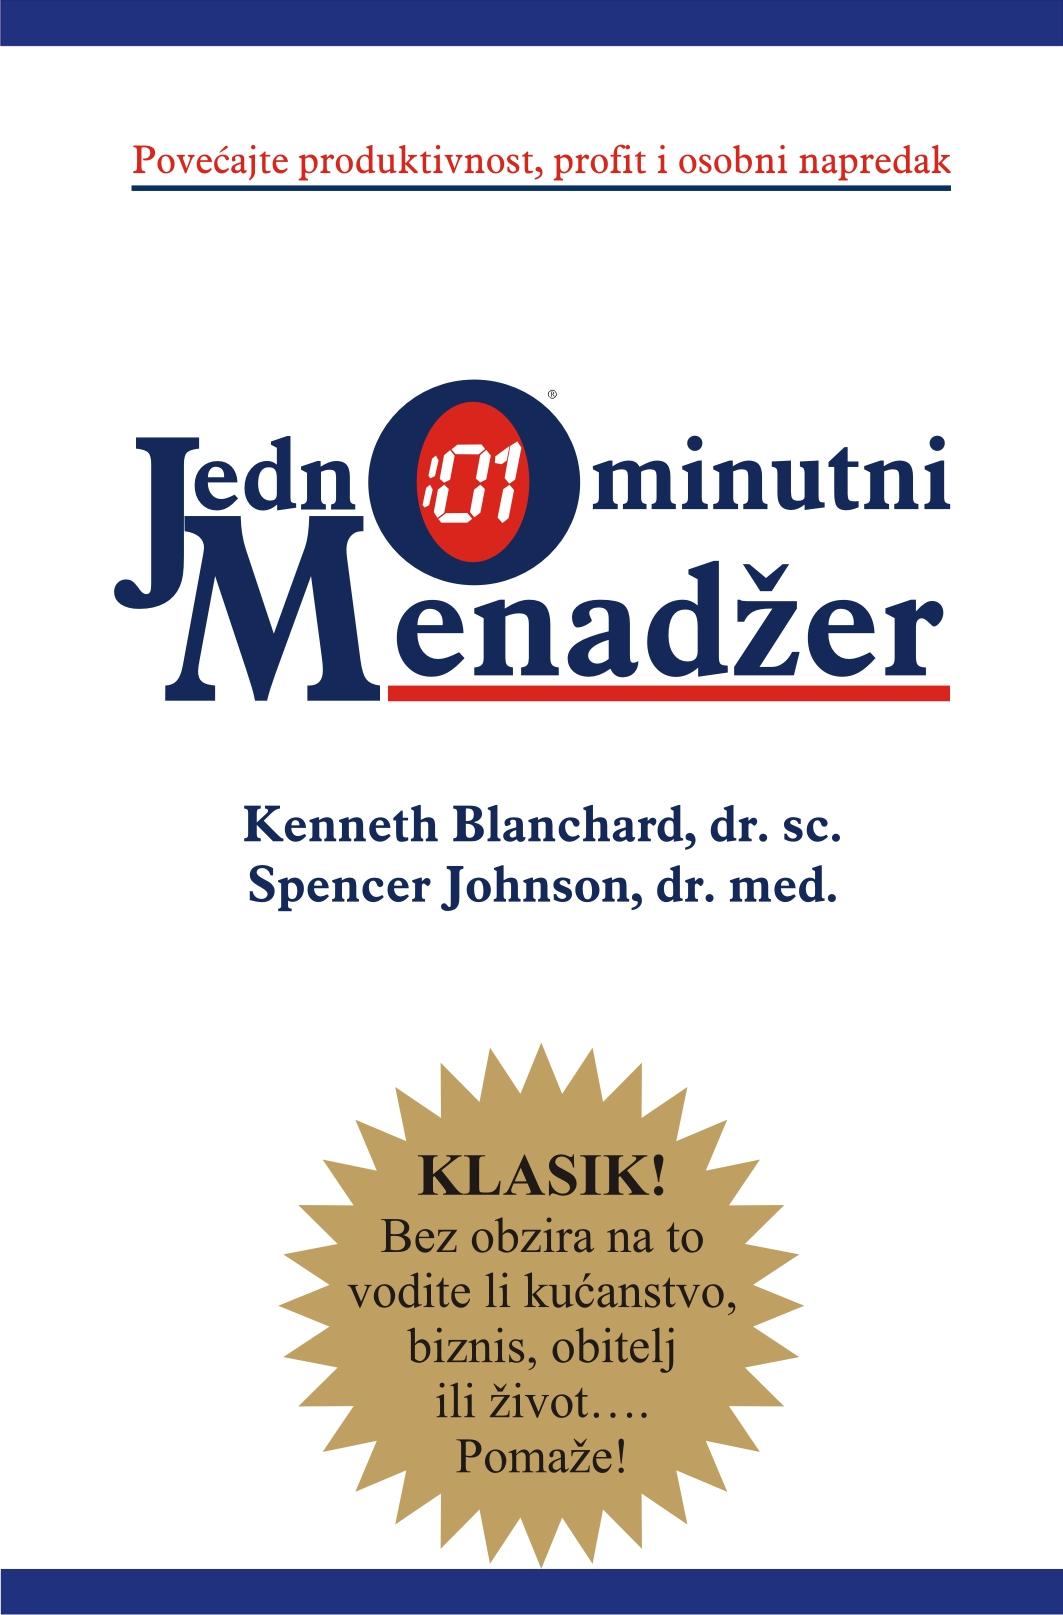 JEDNOMINUTNI MENADŽER - Naruči svoju knjigu